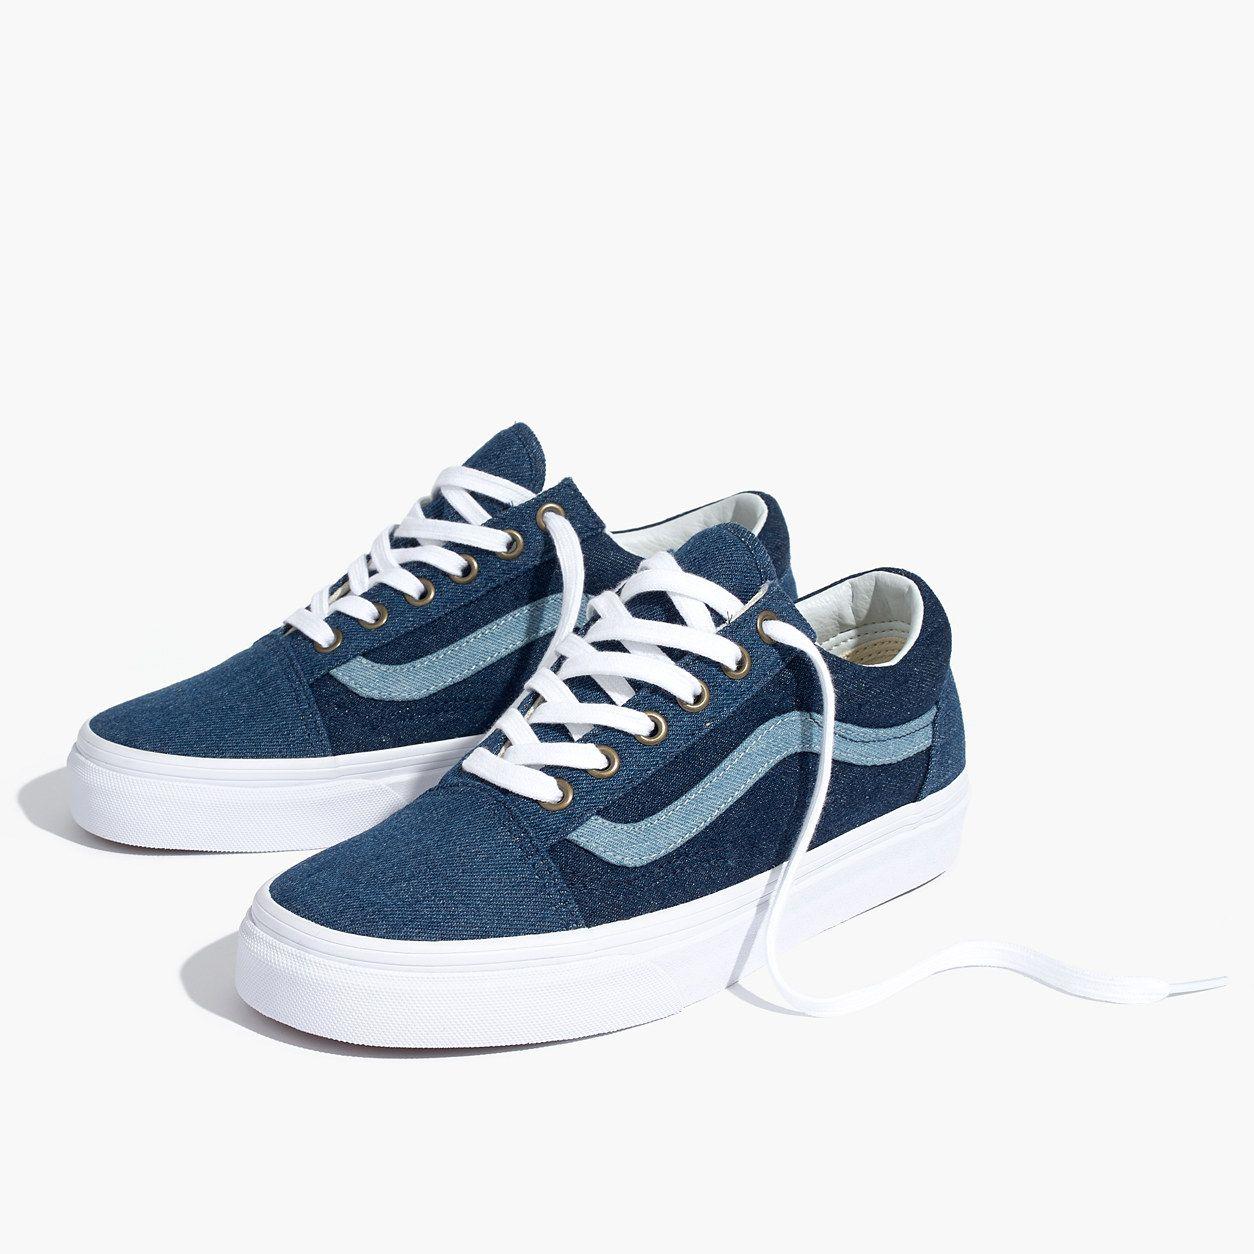 Madewell X Vans Unisex Old Skool Sneakers In Denim  68e492ba8